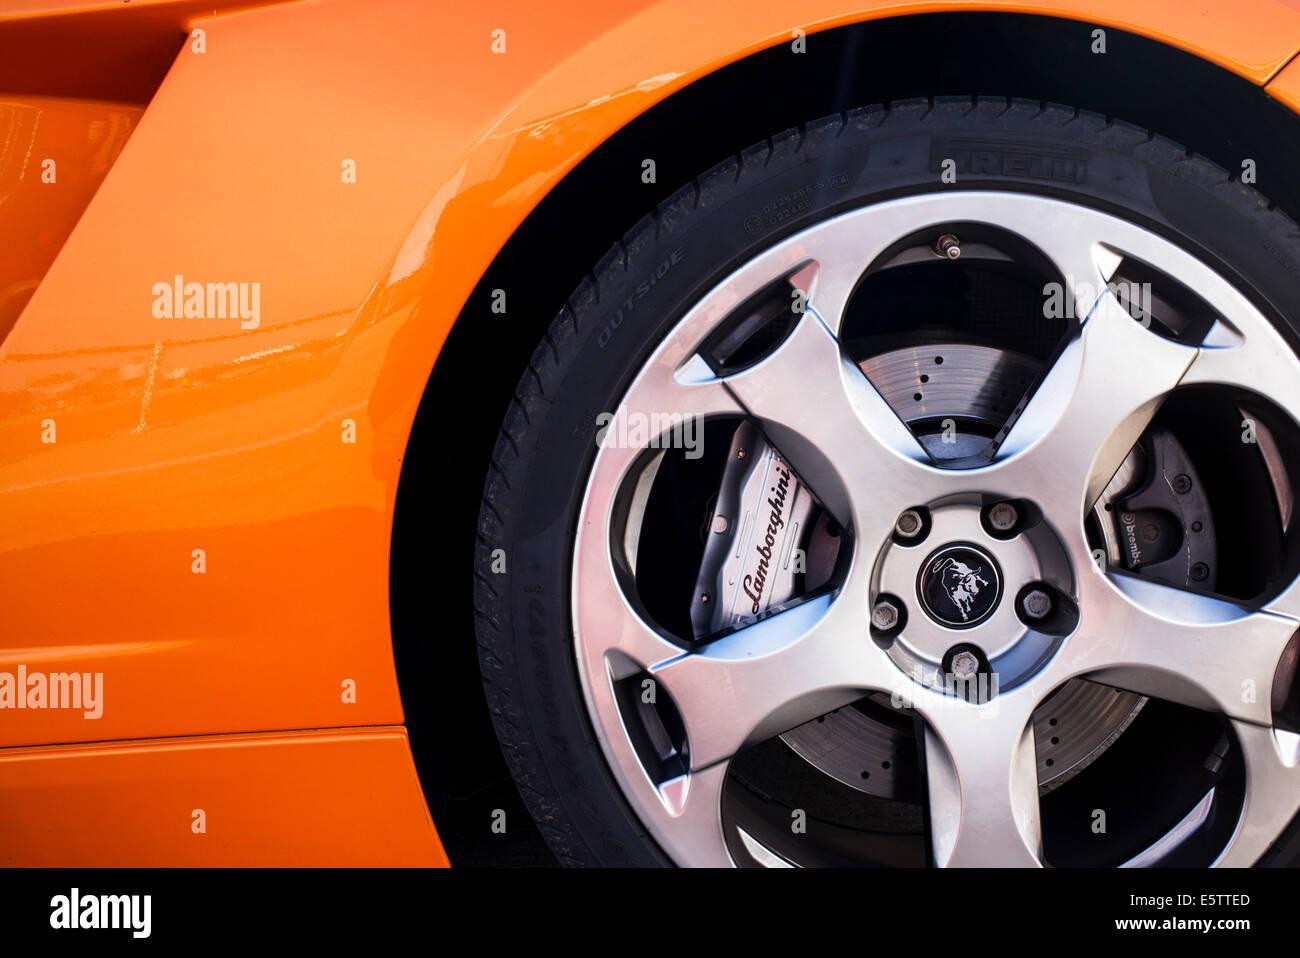 Lamborghini Gallardo Wheel And Brake Caliper Abstract. Italian Super Car